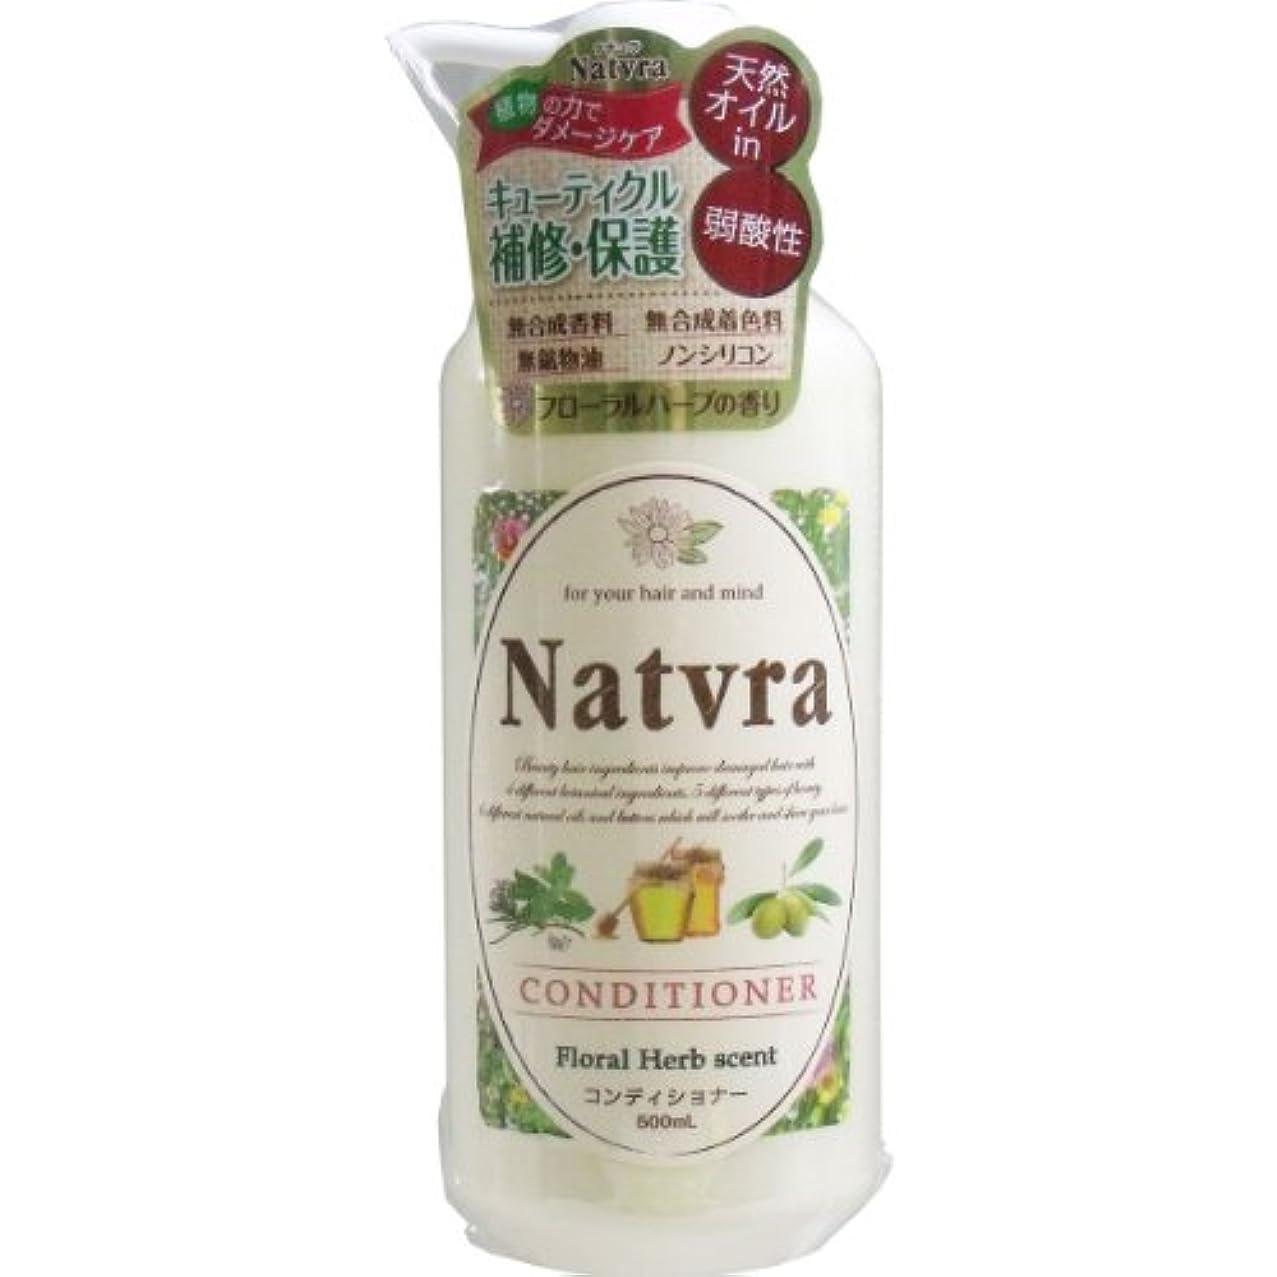 イタリアの静けさ以内にNatvra(ナチュラ) コンディショナー フローラルハーブの香り 500mL【3個セット】